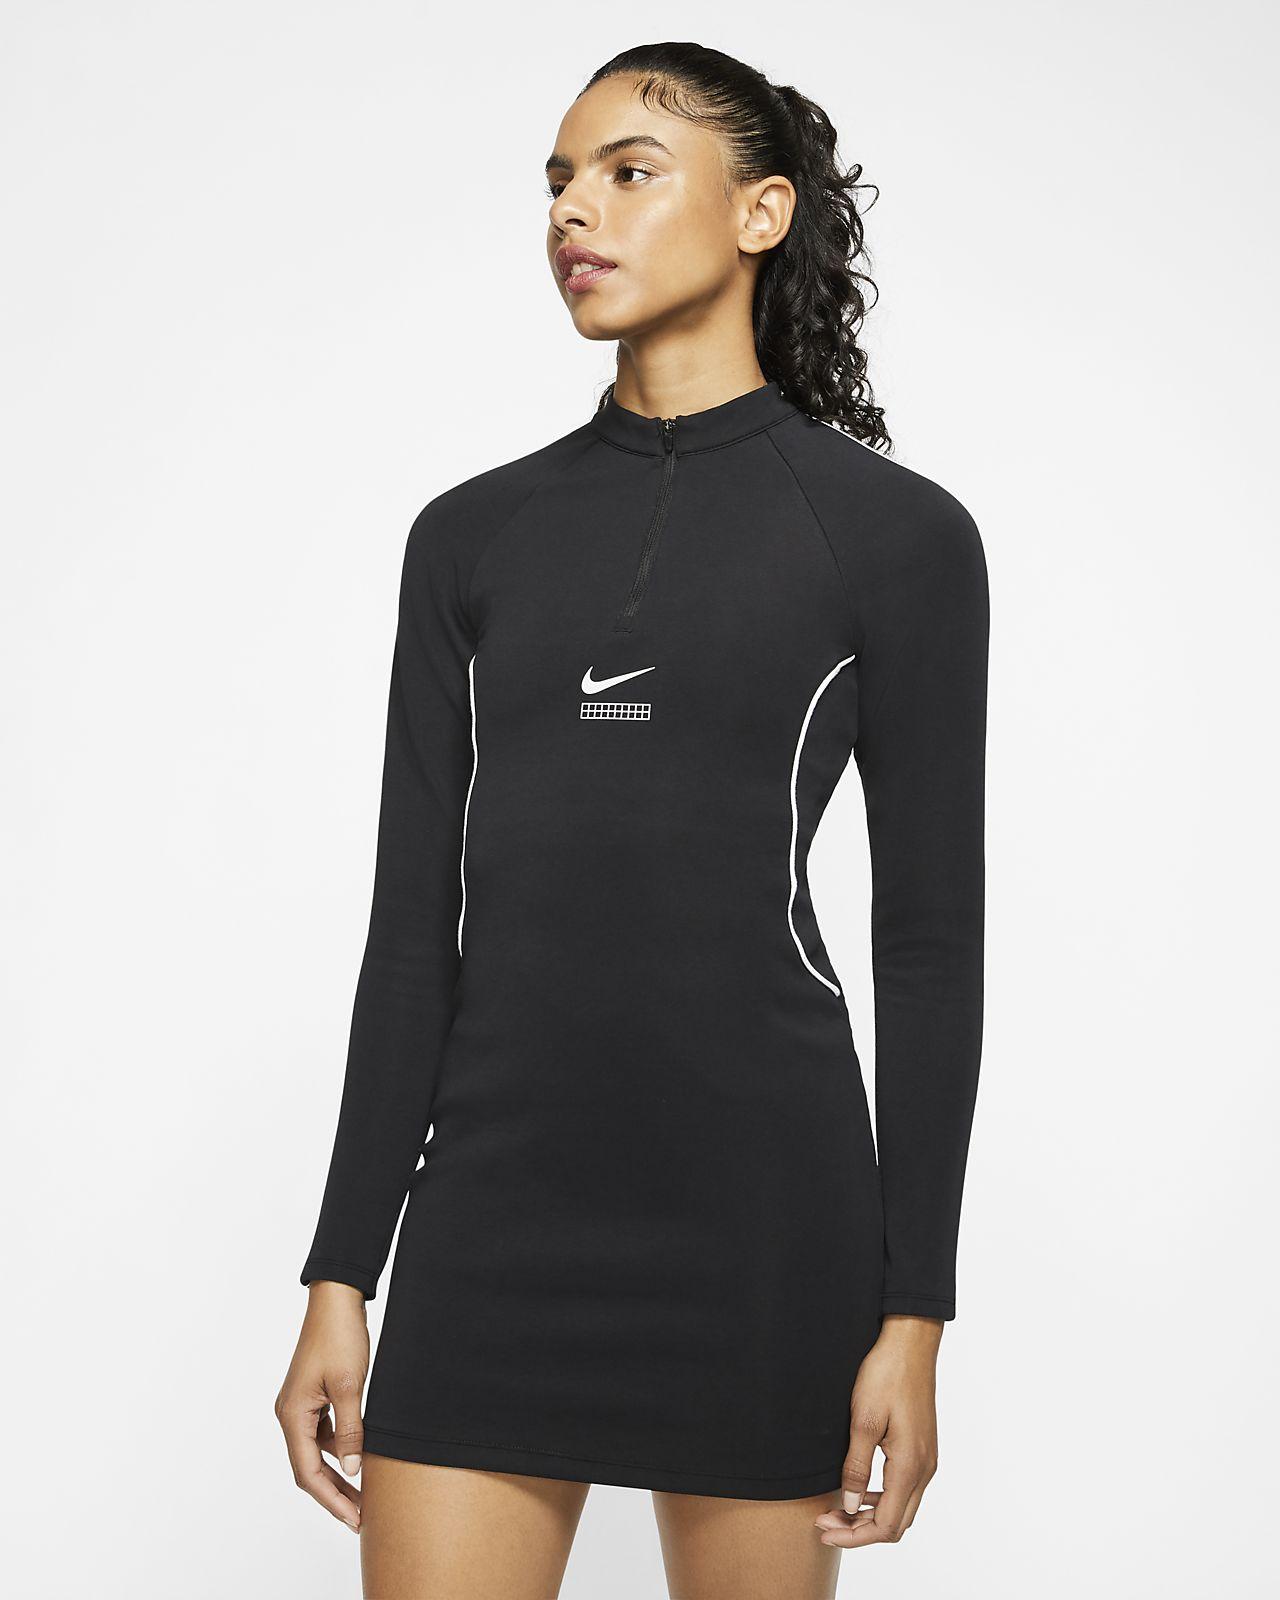 Nike Sportswear hosszú ujjú női ruha